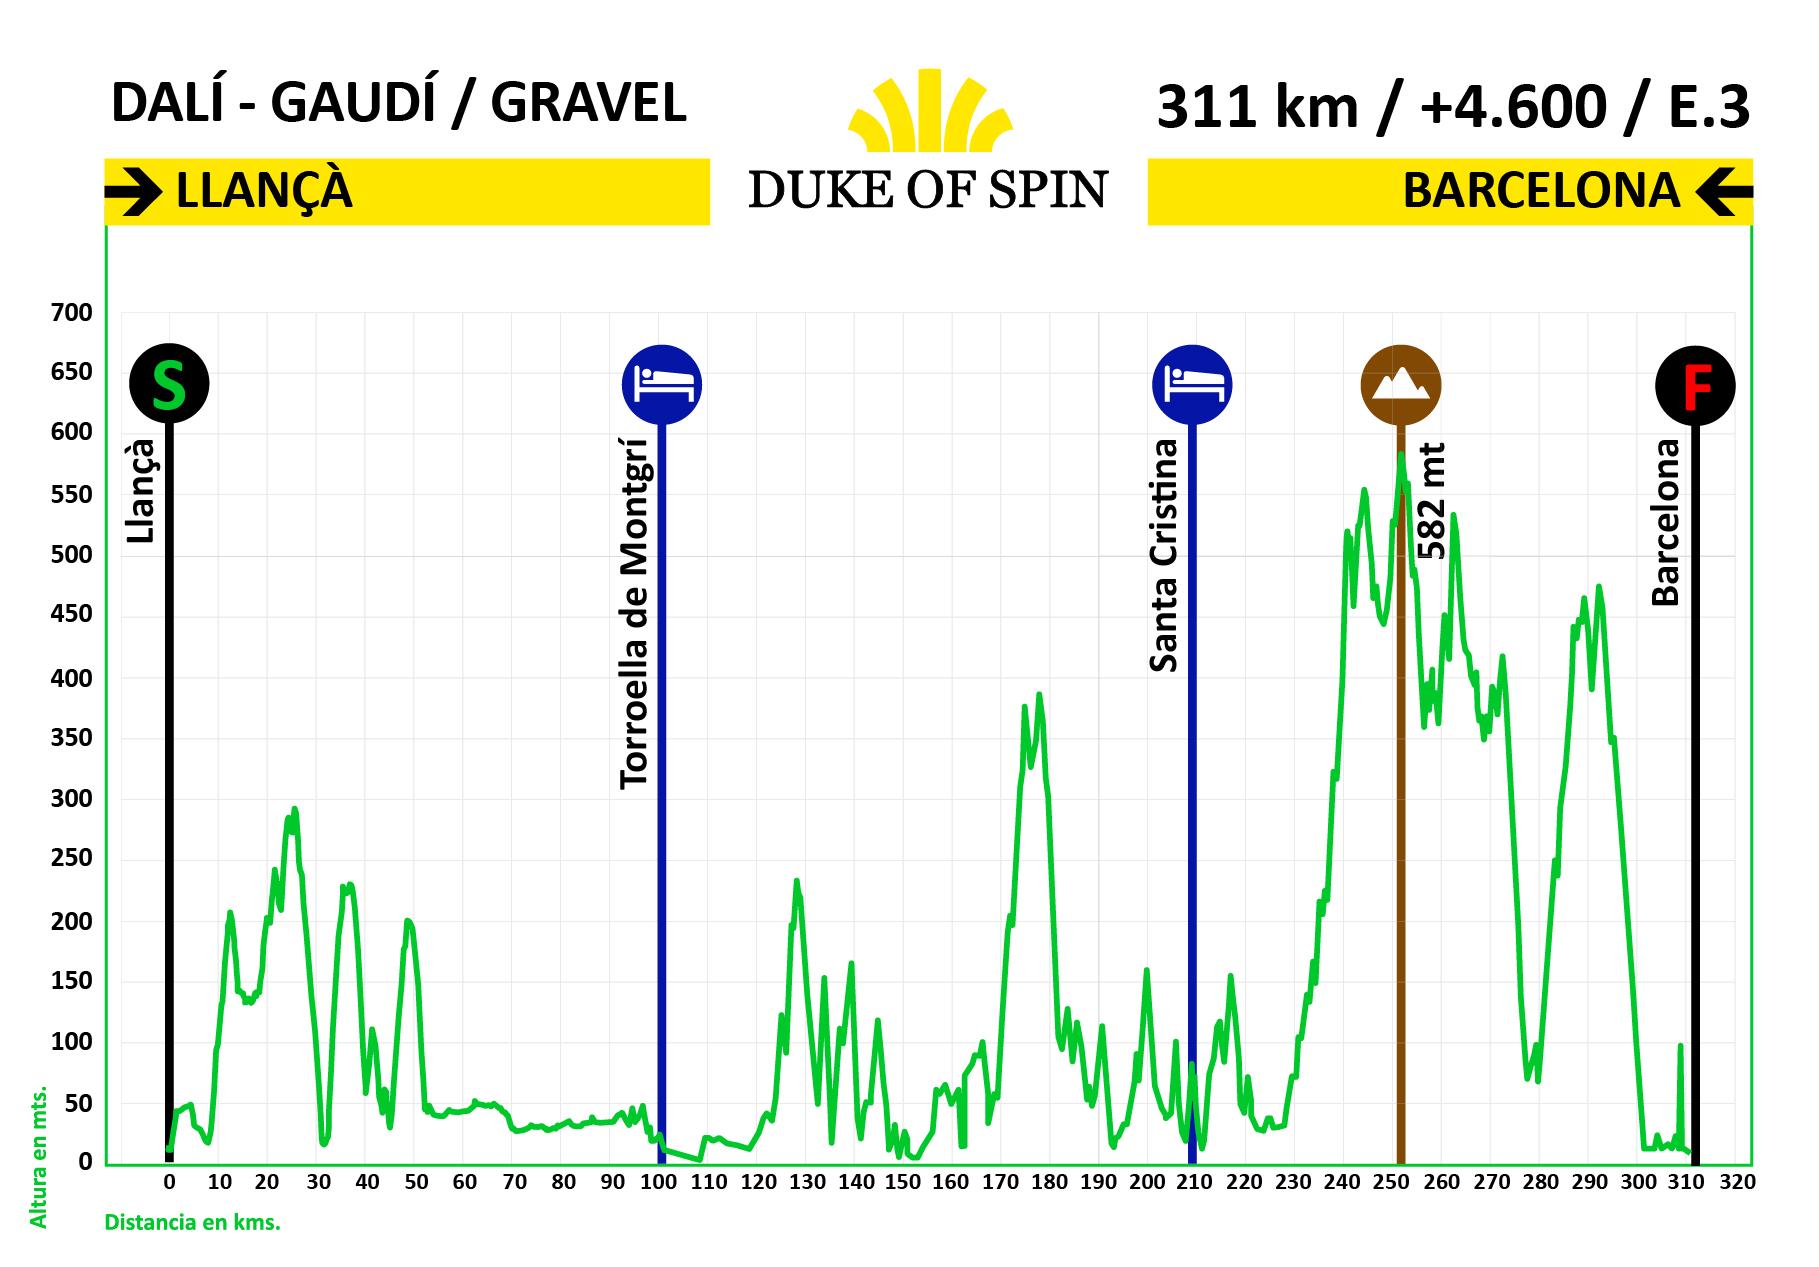 Perfil ruta Dali Gaudi Gravel Tour